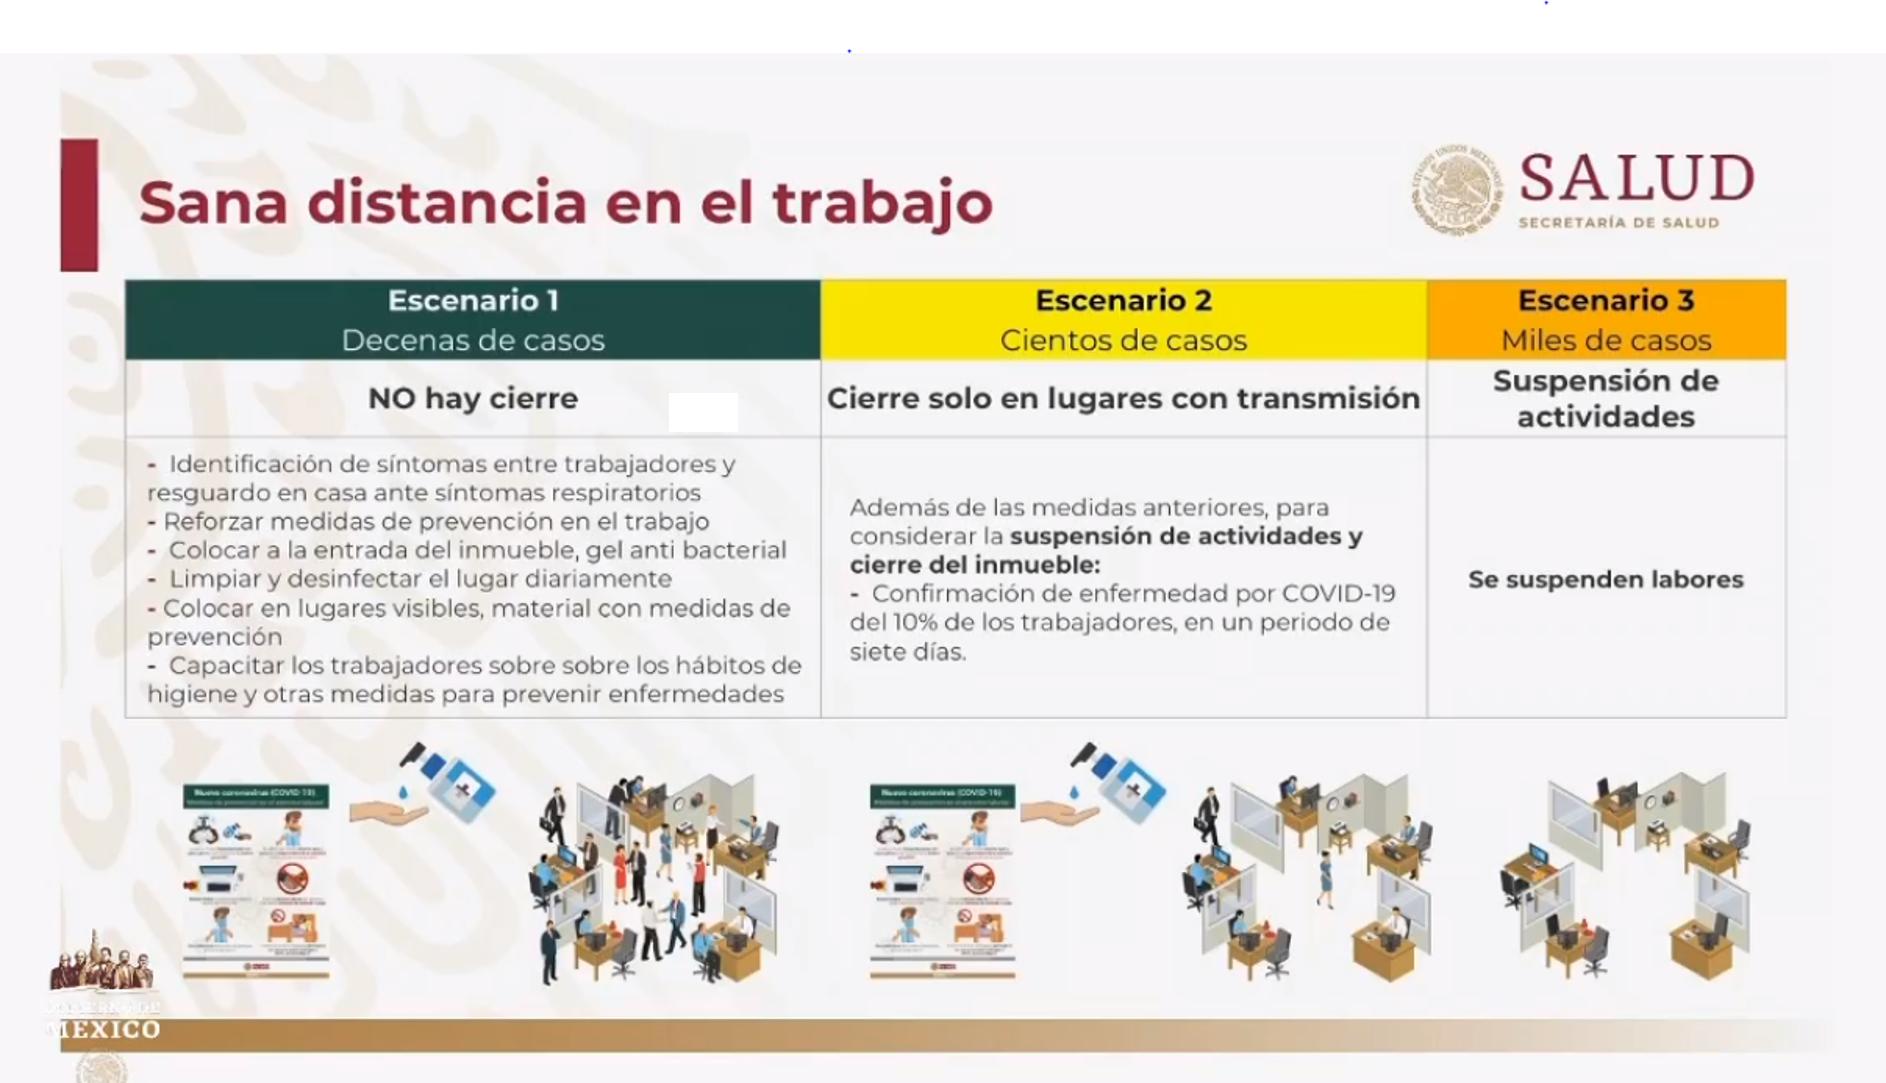 Impacto del nuevo corona virus (COVID-19) en la agricultura en México